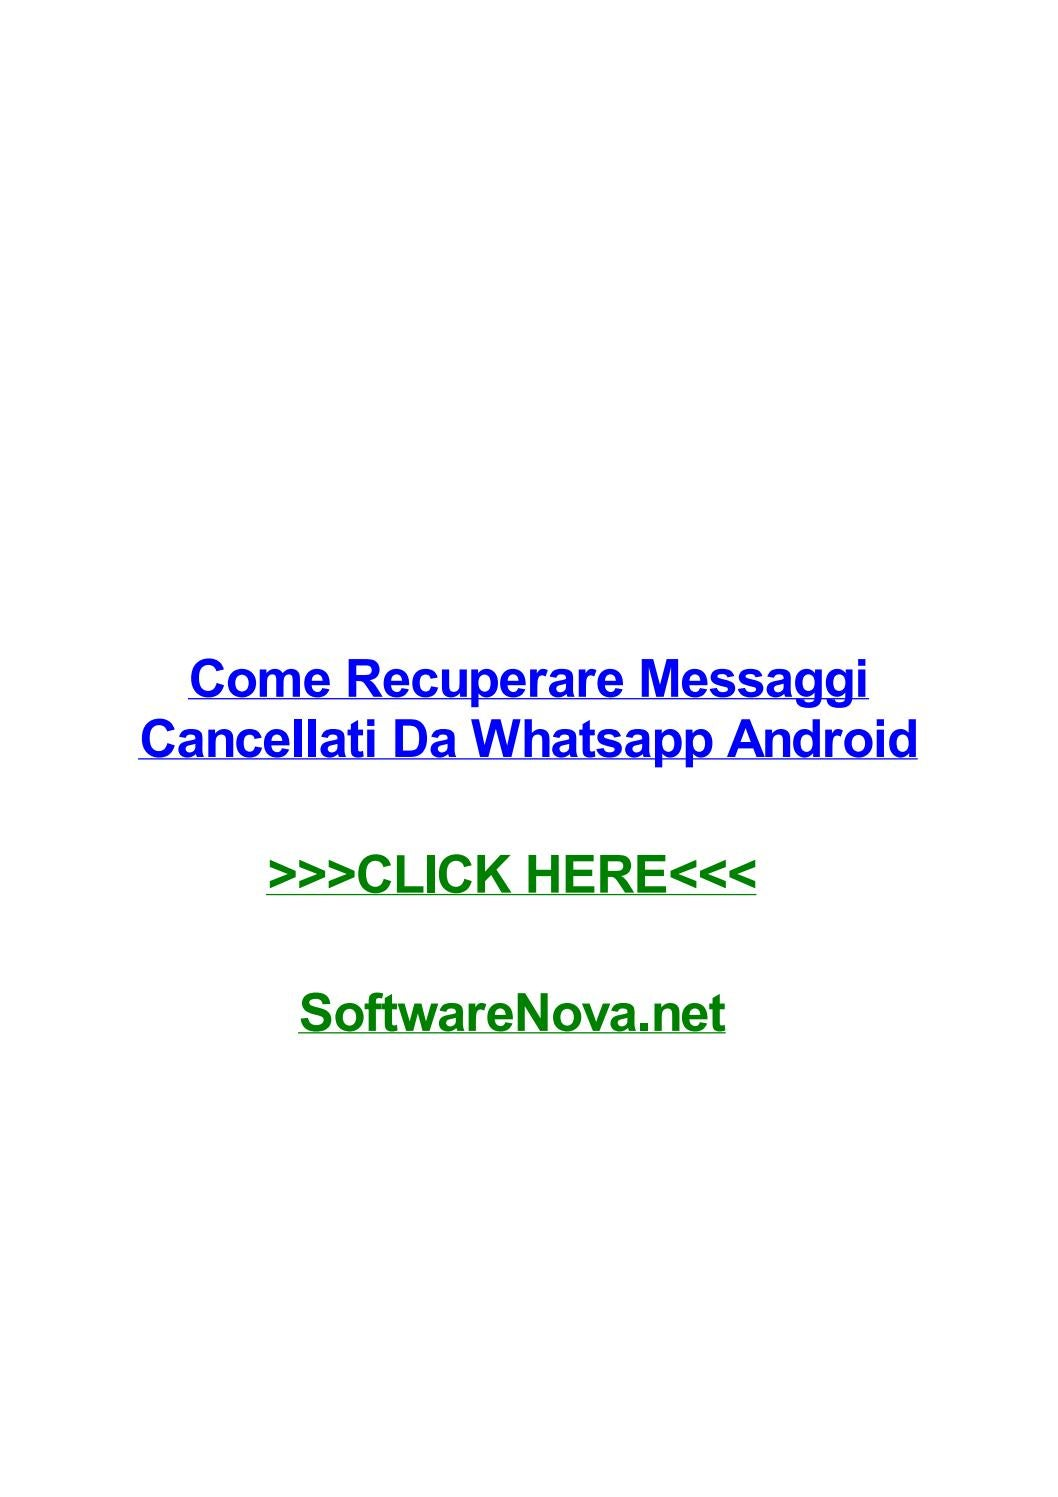 Come Recuperare Messaggi Cancellati Da Whatsapp Android By